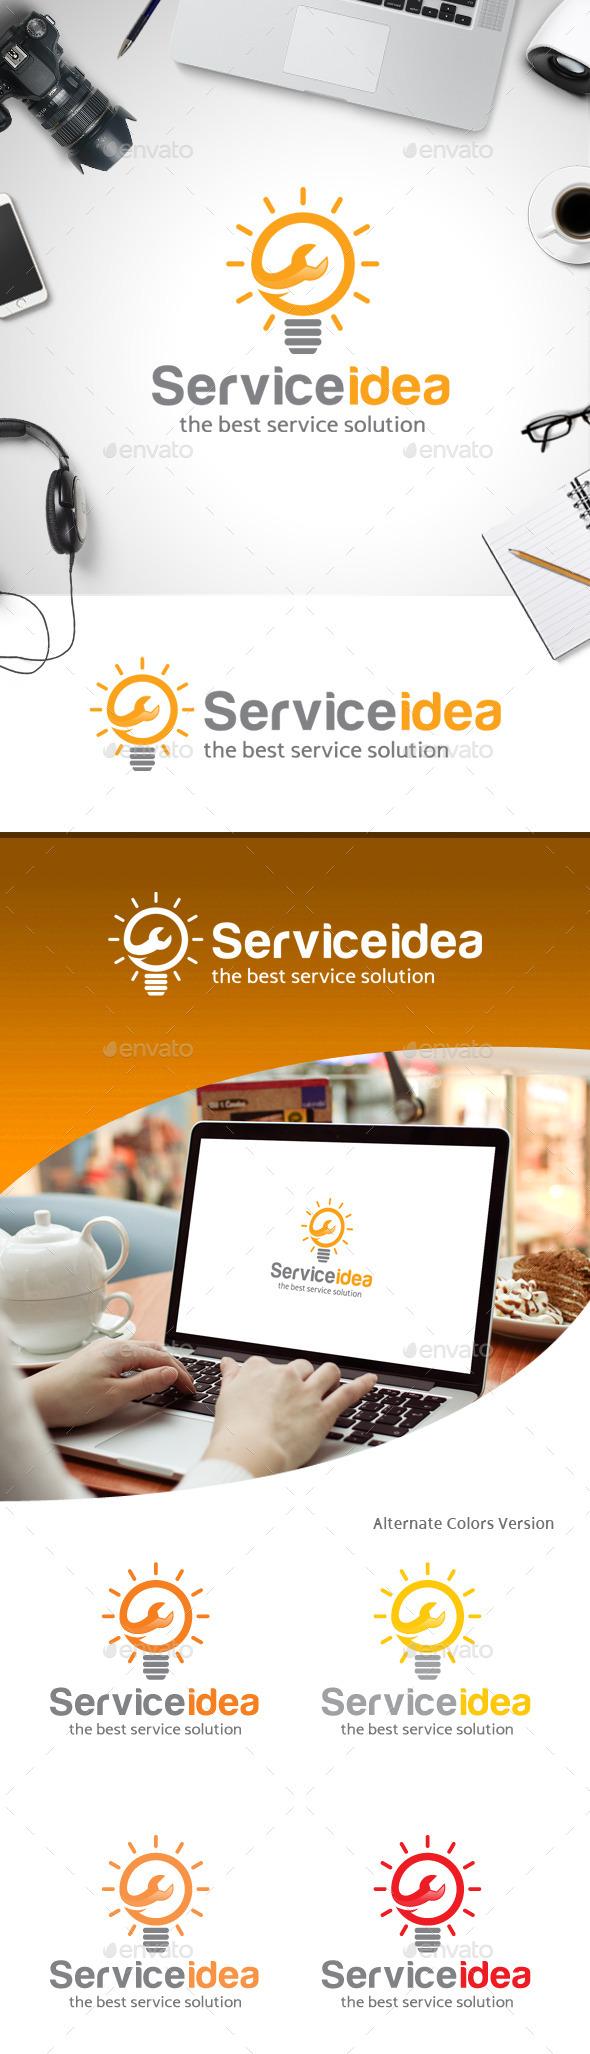 GraphicRiver Service Idea Logo 11258741